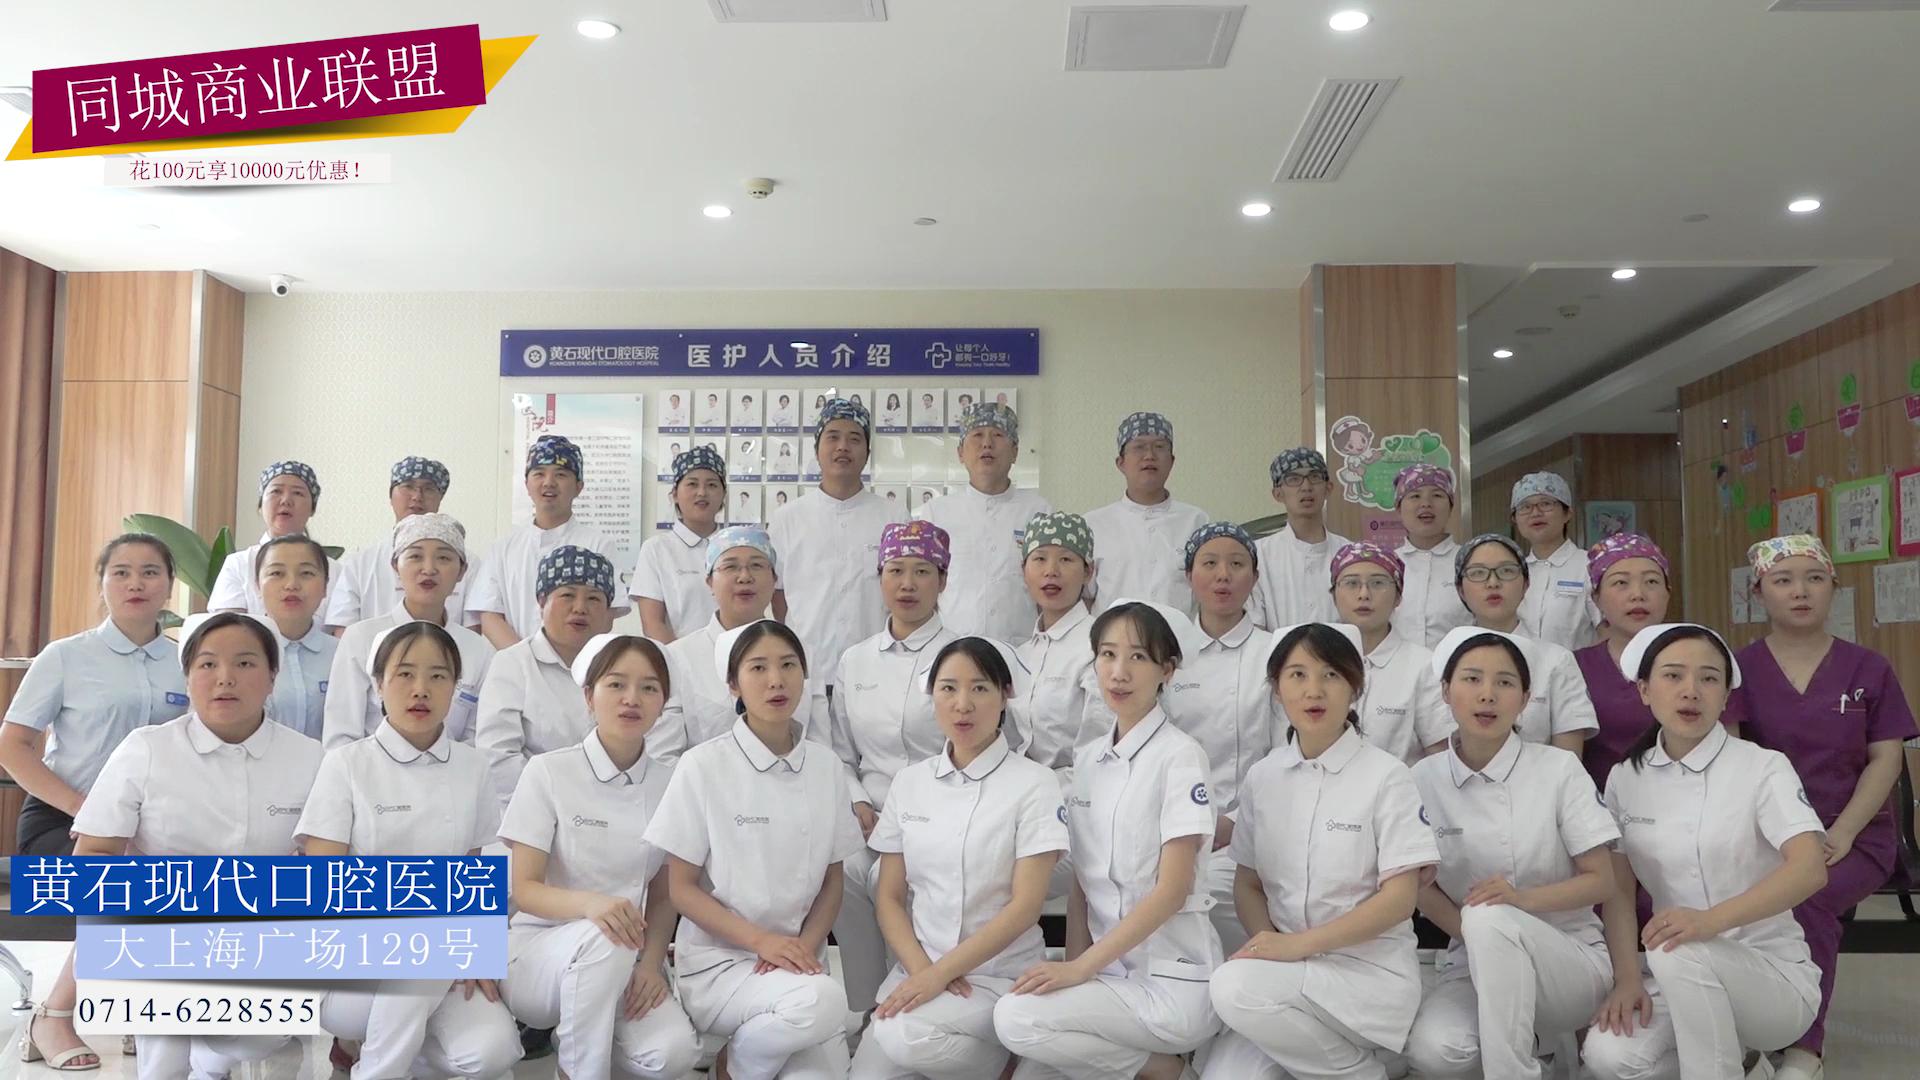 黄石同城百业联盟--黄石现代口腔医院